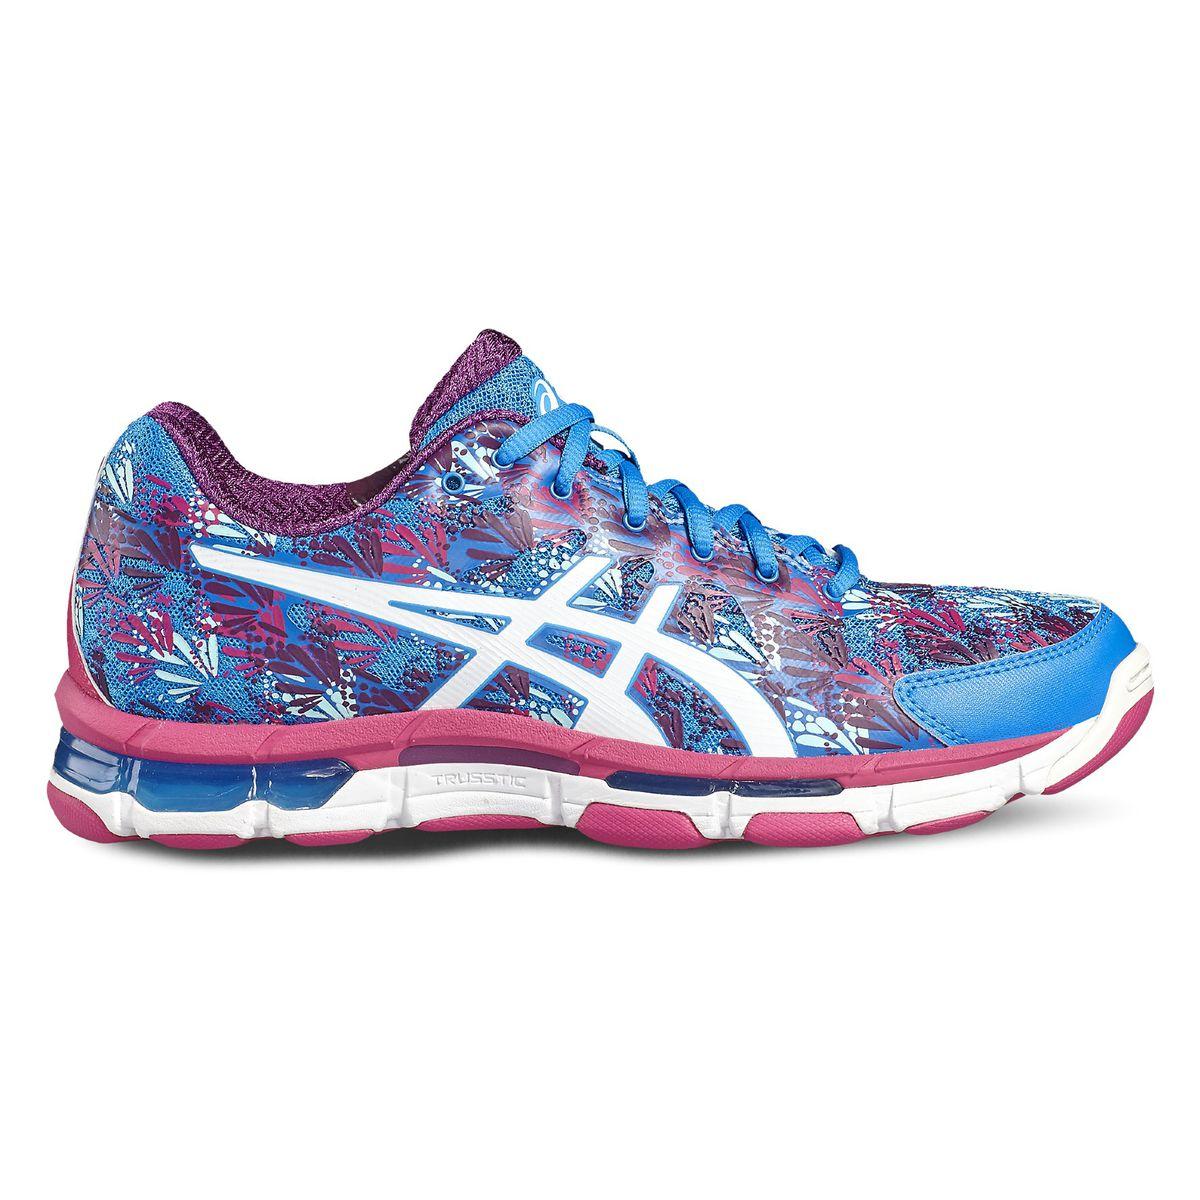 Women's ASICS Gel-Netburner Professional 13 Netball Shoes